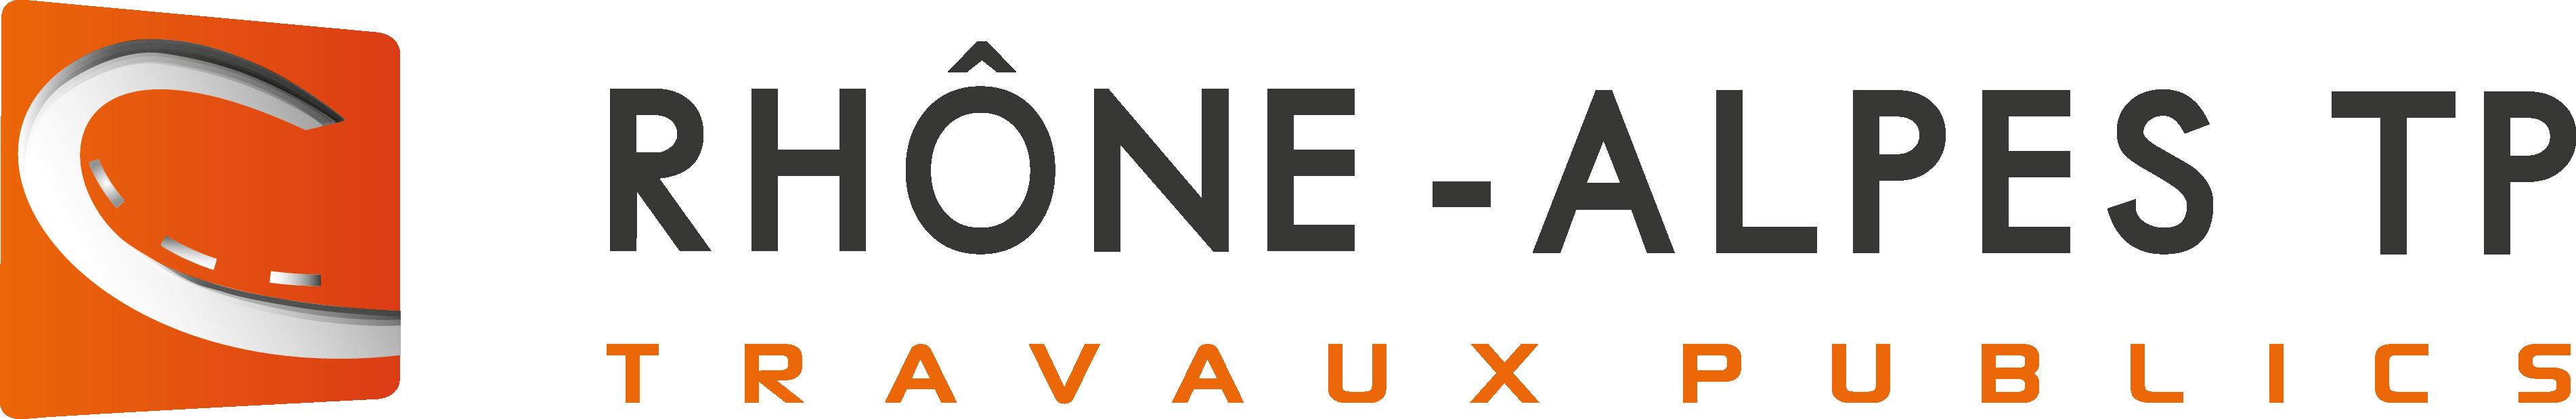 Logo RhoneAlpesTP transparence